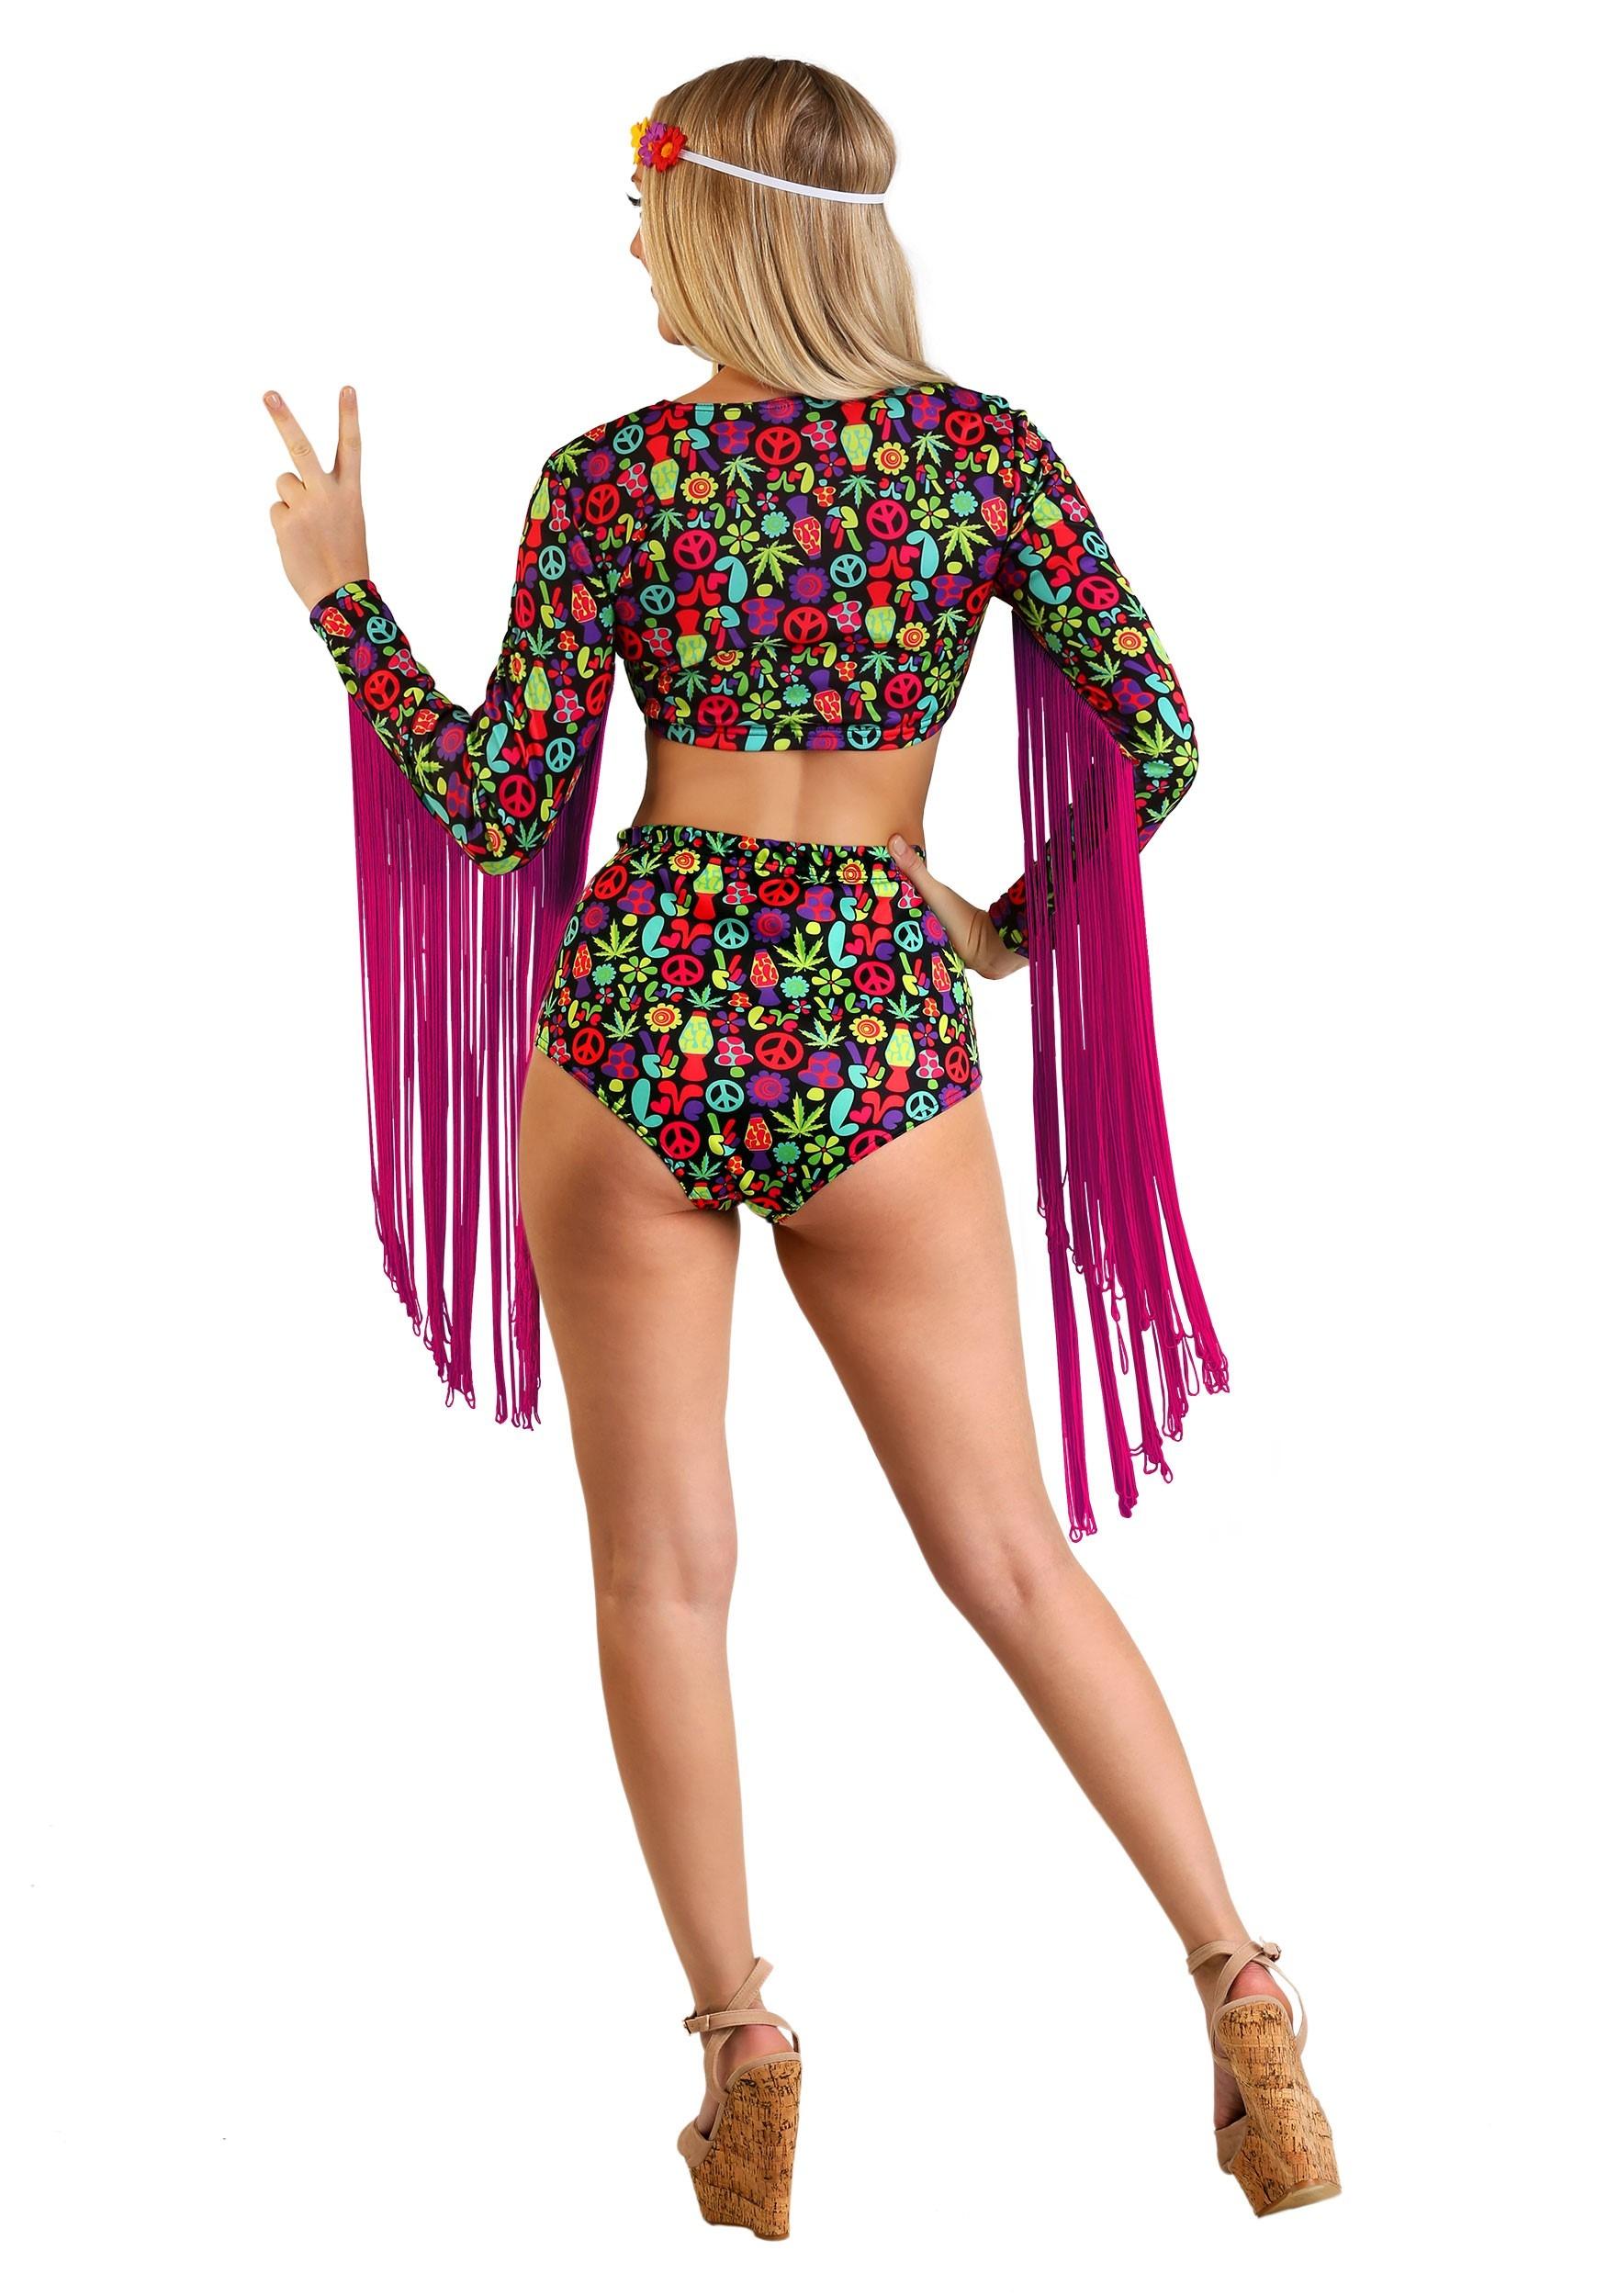 Free Spirit Women's Hippie Costume